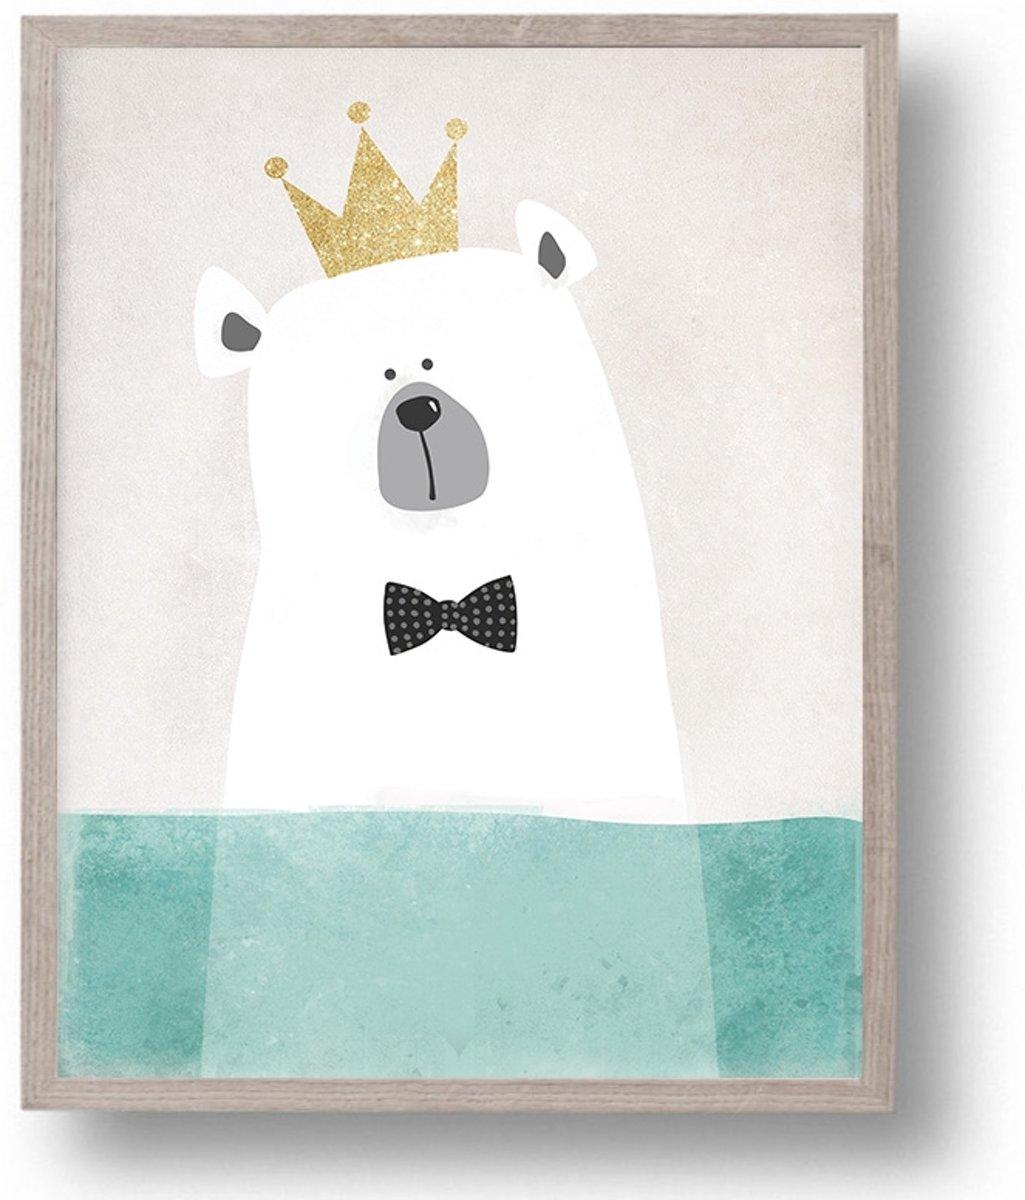 Postercity - Design Canvas Poster Ijsbeer Koning / Kinderkamer / Muurdecoratie / 40 x 30cm / A3 kopen